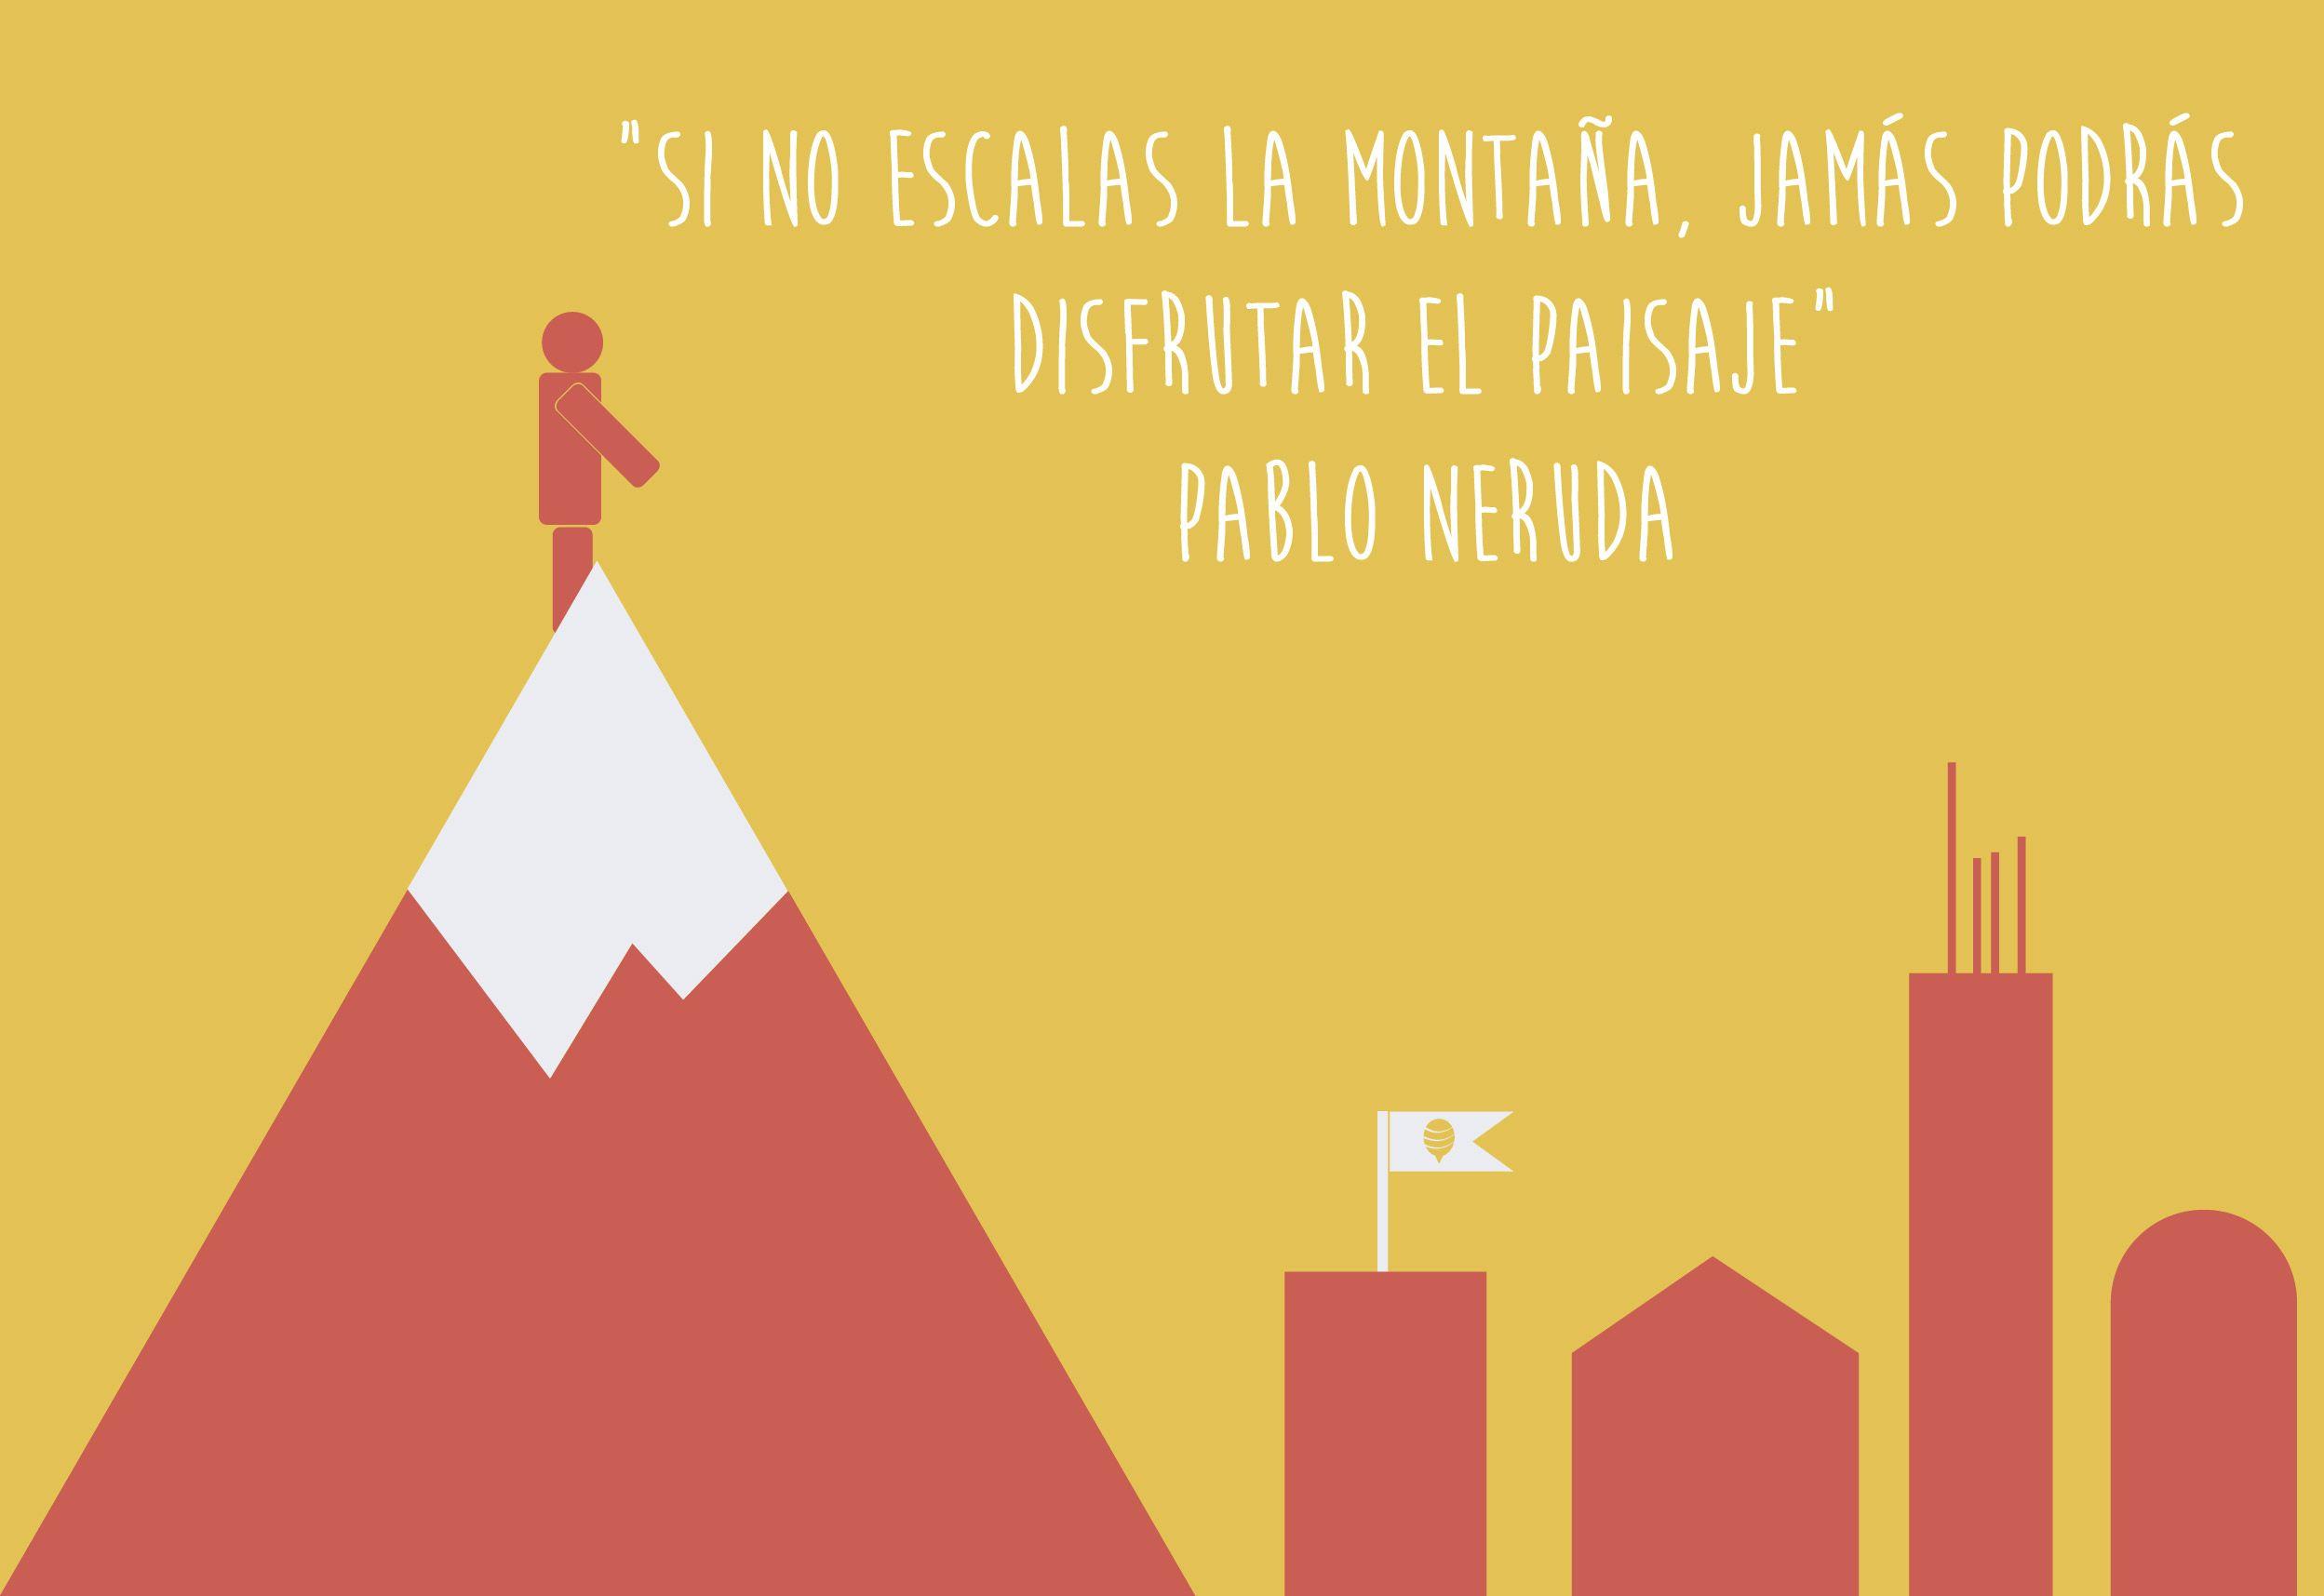 Pablo Neruda dijo que si no escalas la montaña jamás podrás disfrutar del paisaje Únete al #beetripping y #viaja escalando tu montaña personal!